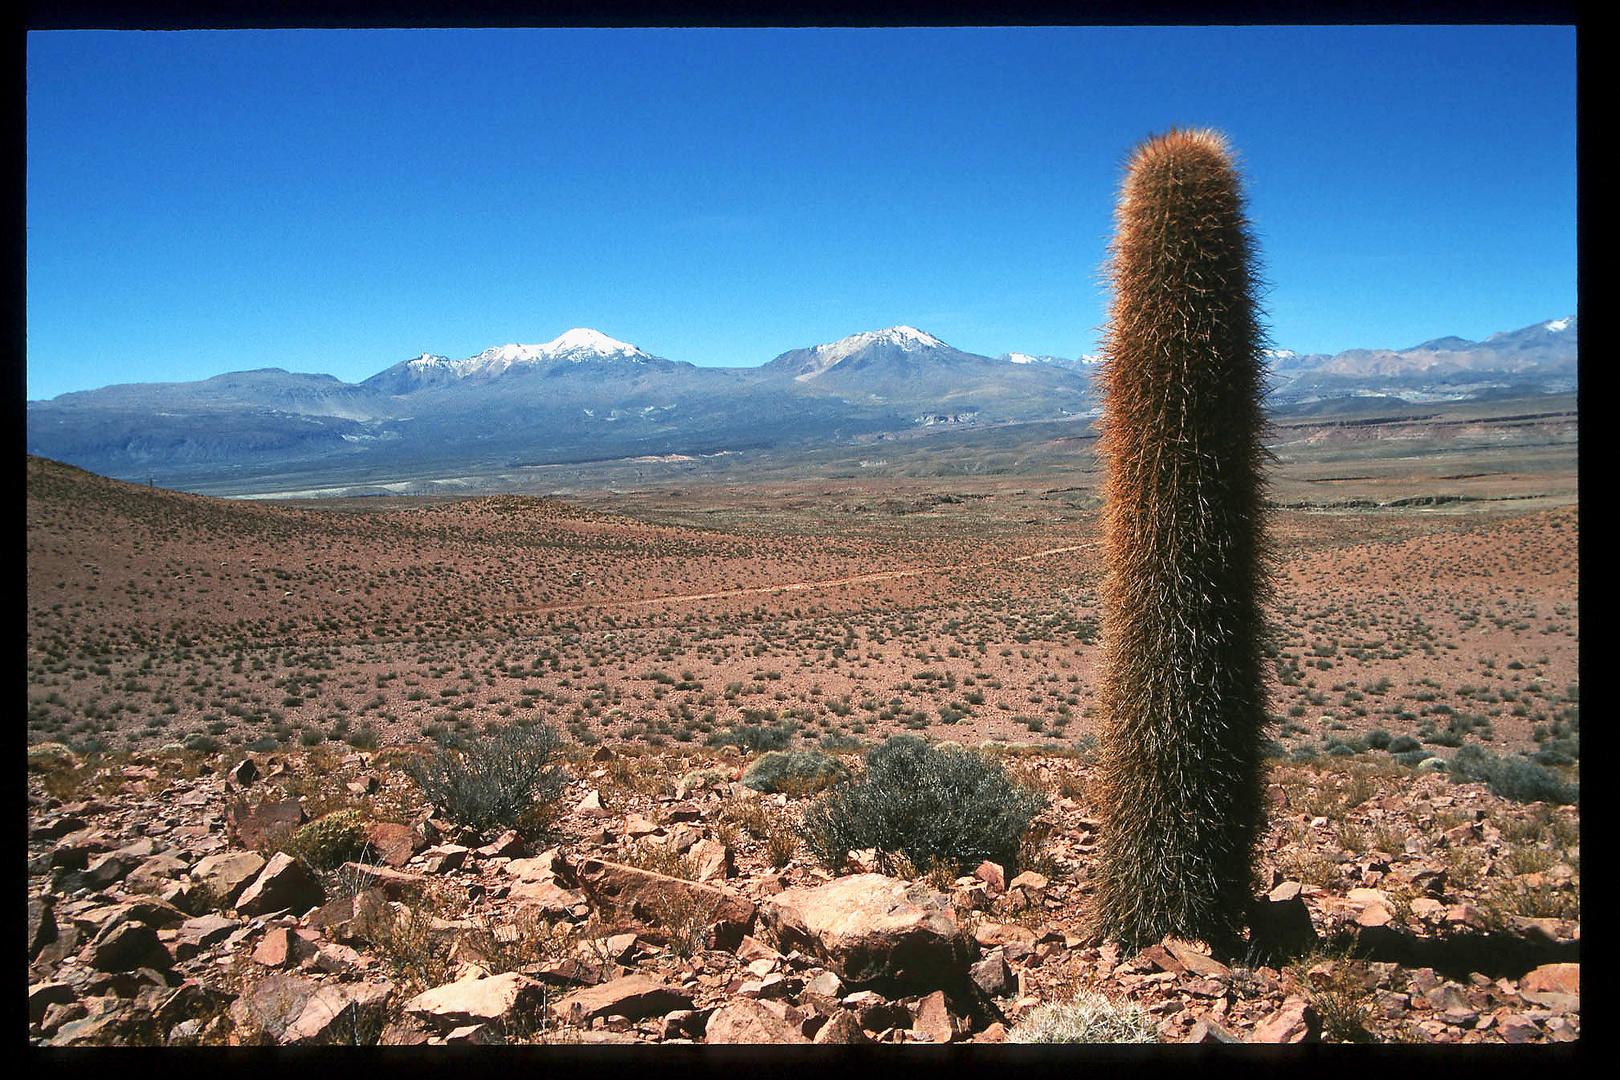 Säulenkaktus vor Vulkanen - Chile